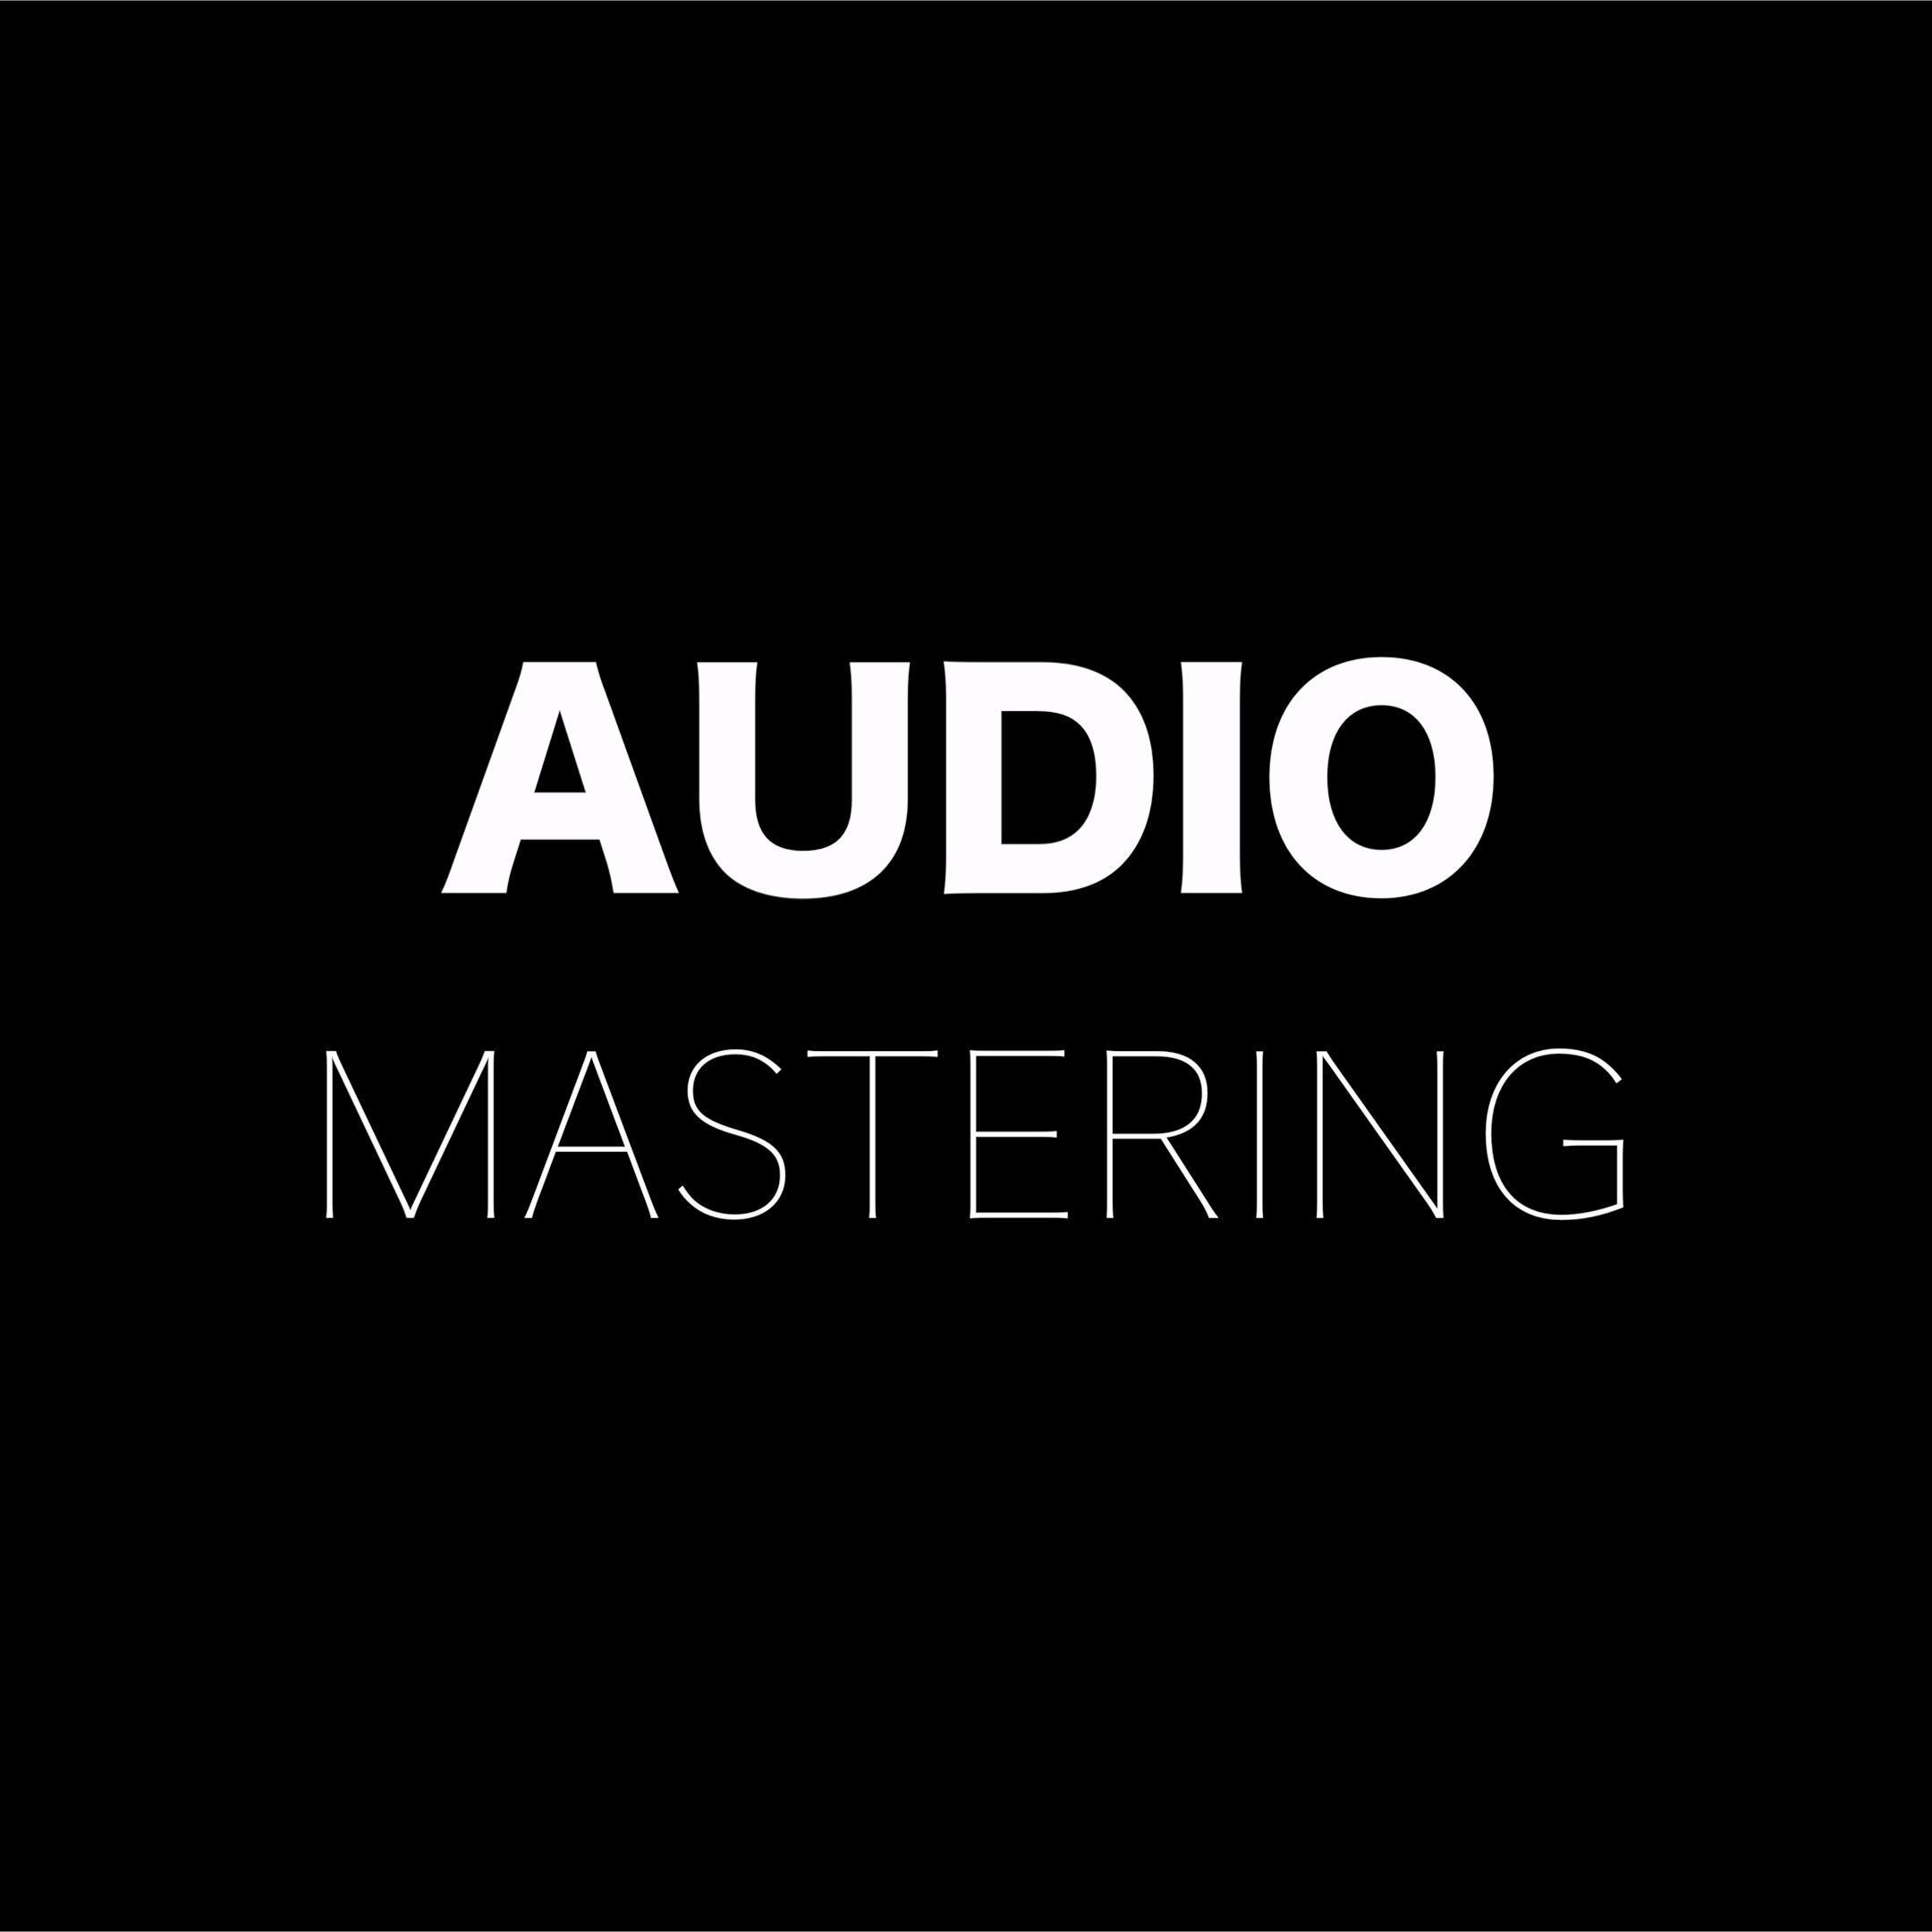 Audio Mastering Square.jpg